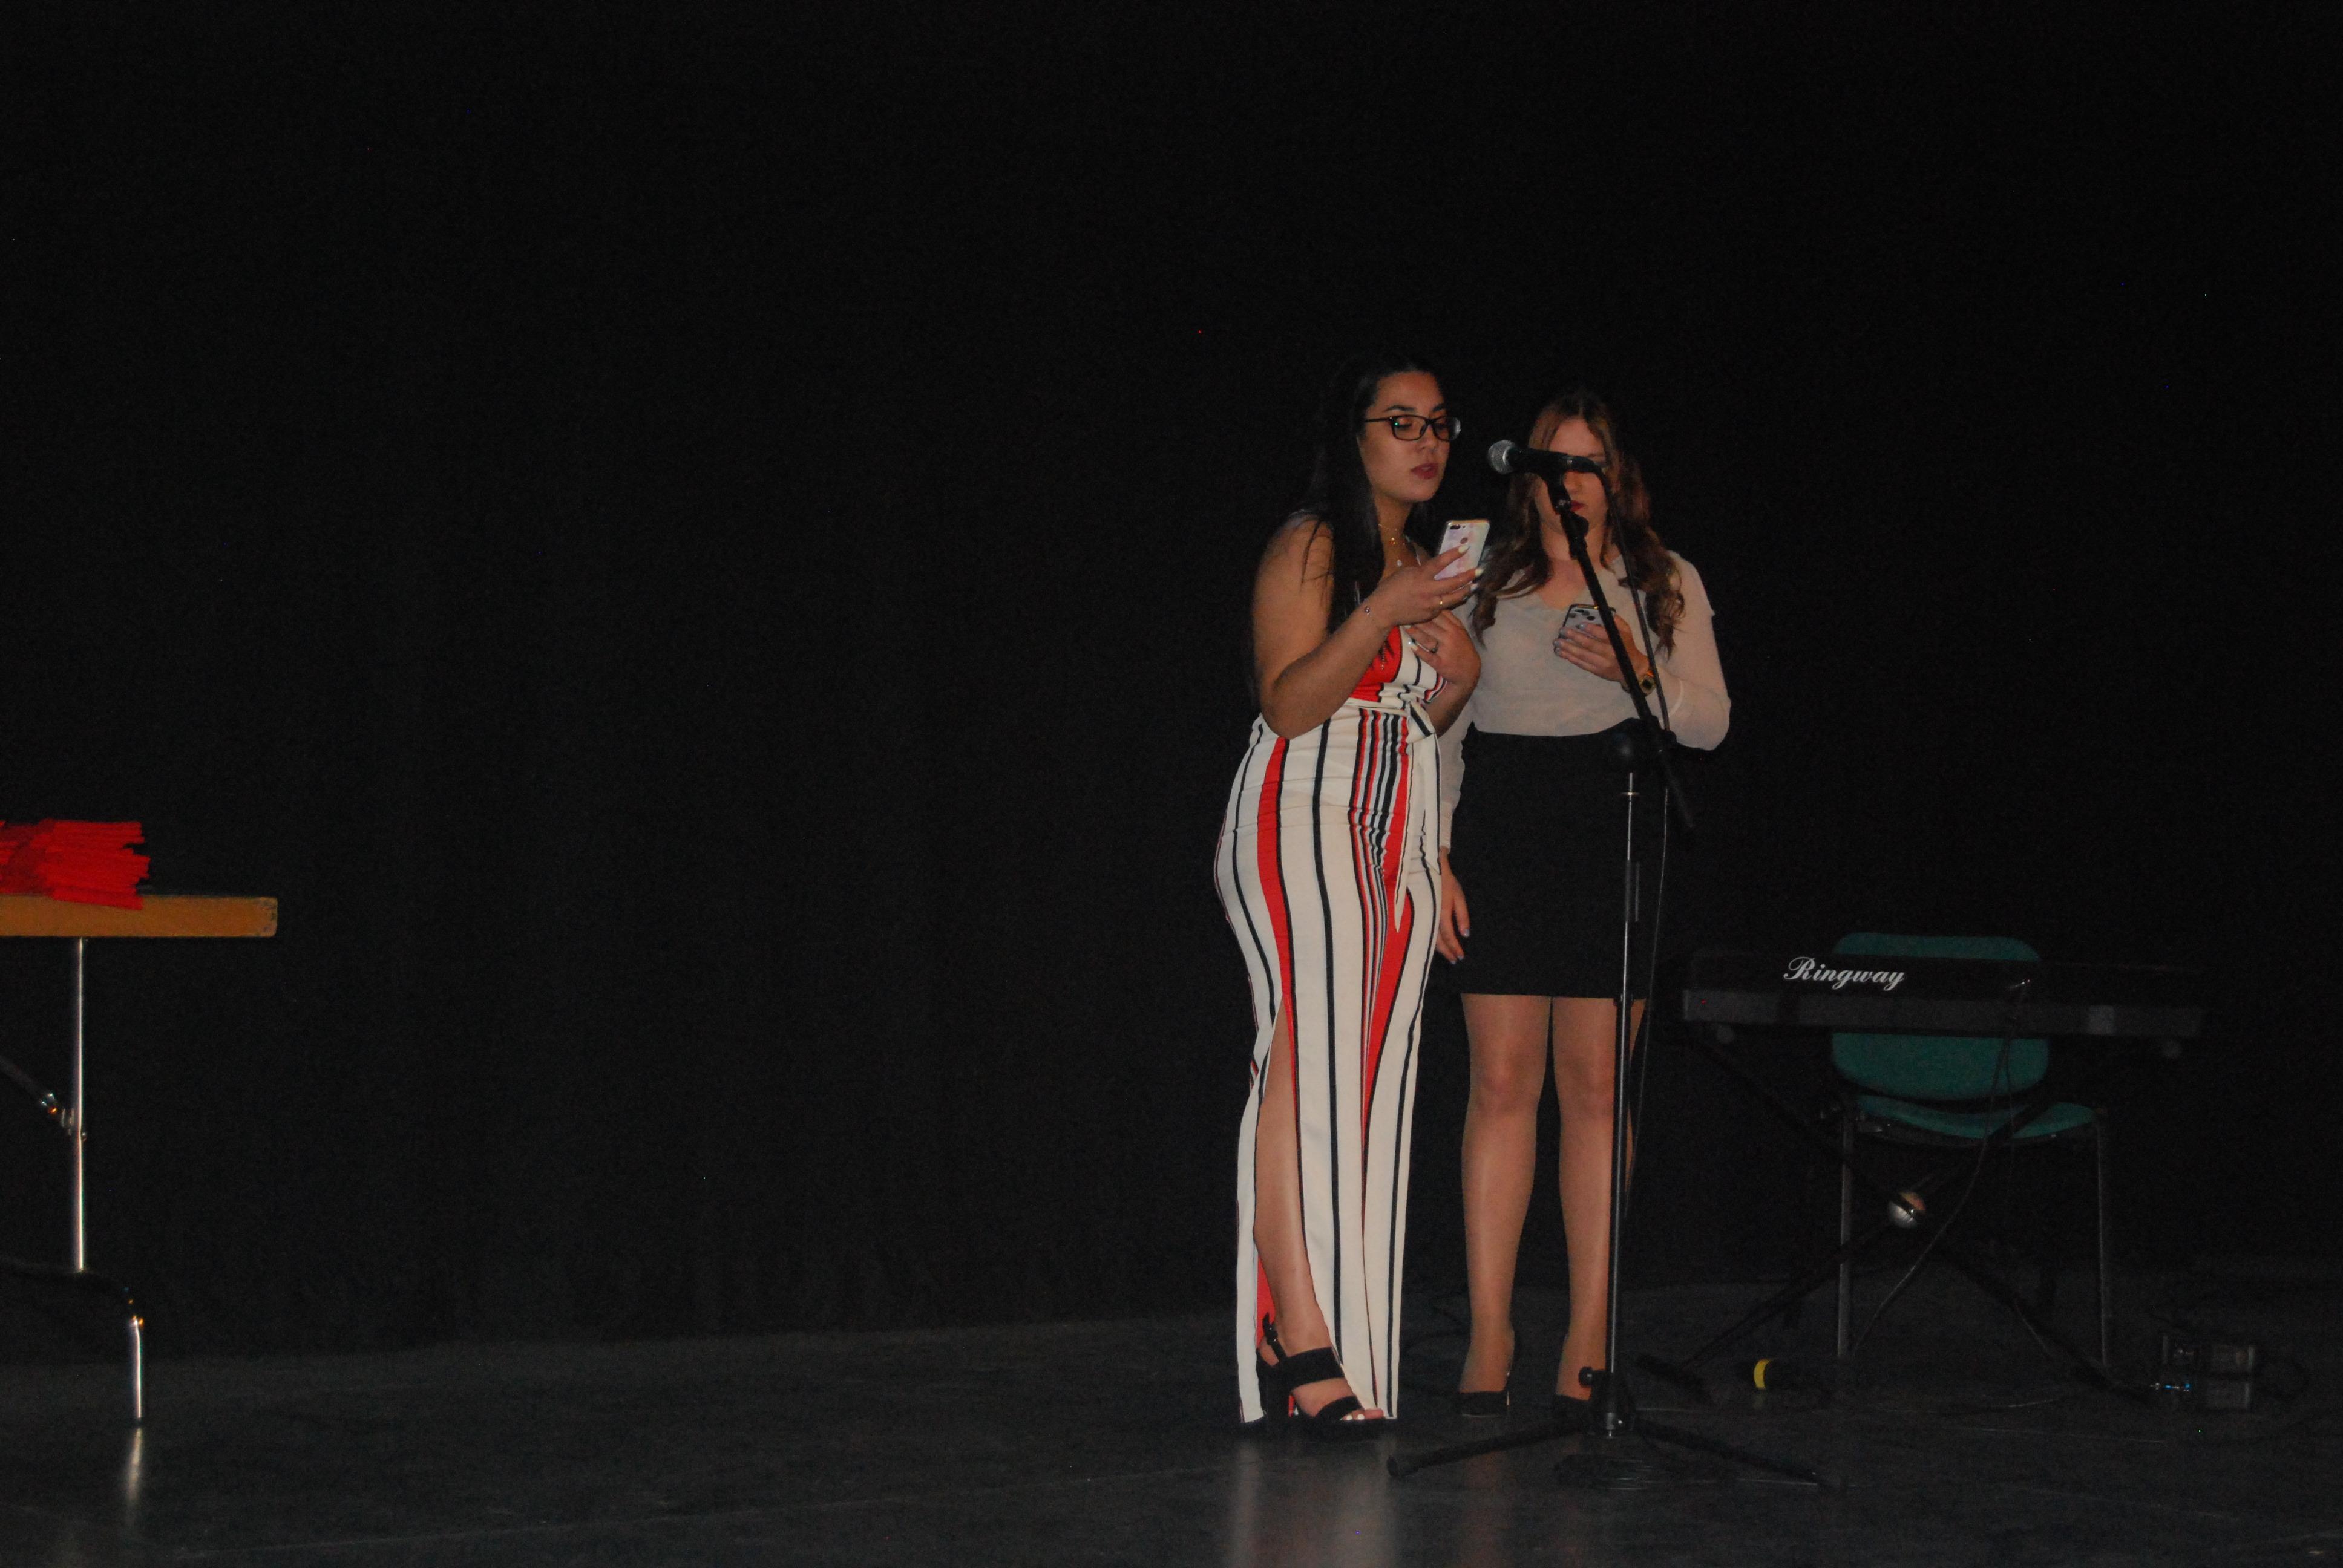 Graduación - 2º Bachillerato - Álbum # 1 33